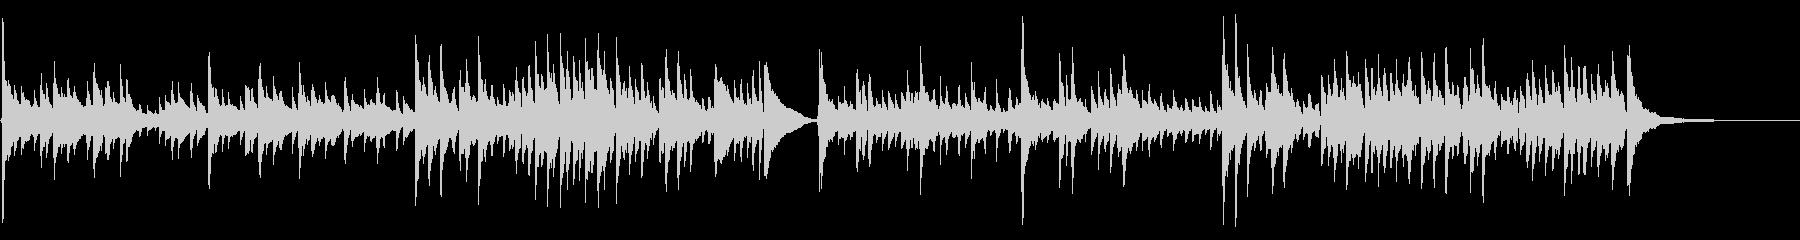 アコギ40/通り雨をイメージ、生音の未再生の波形